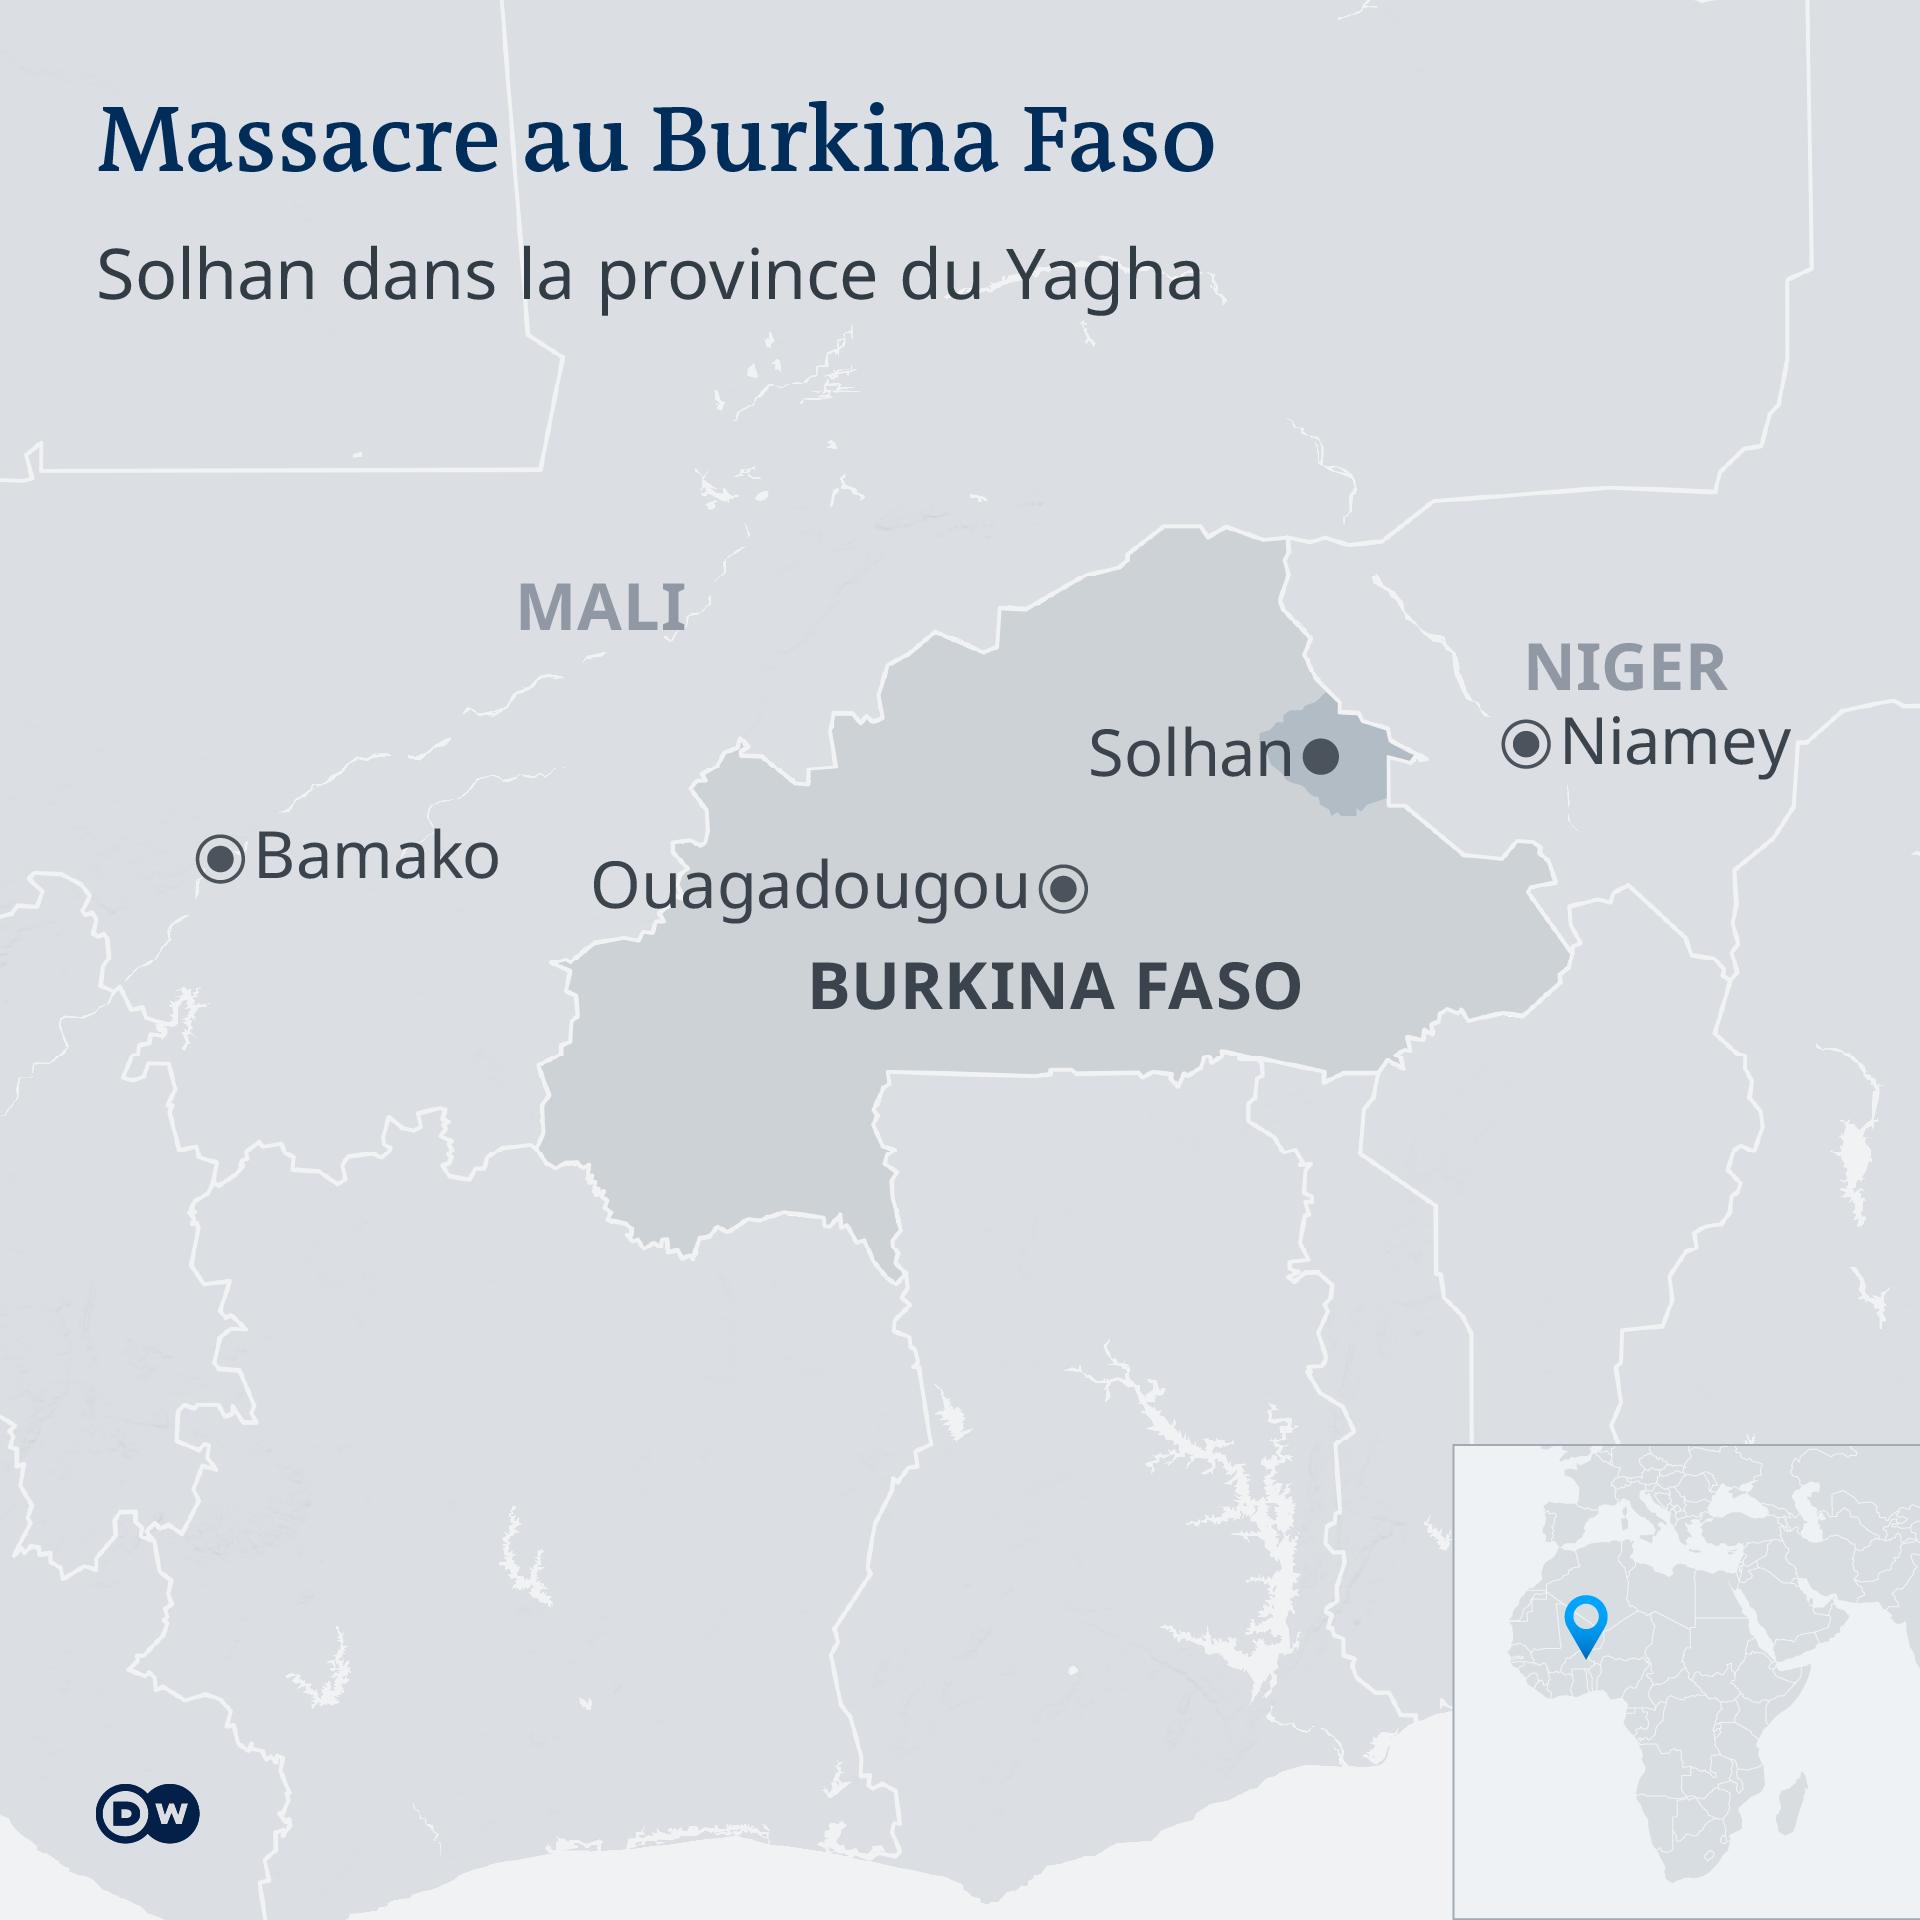 Solhan est situé dans la zone frontalière avec le Niger